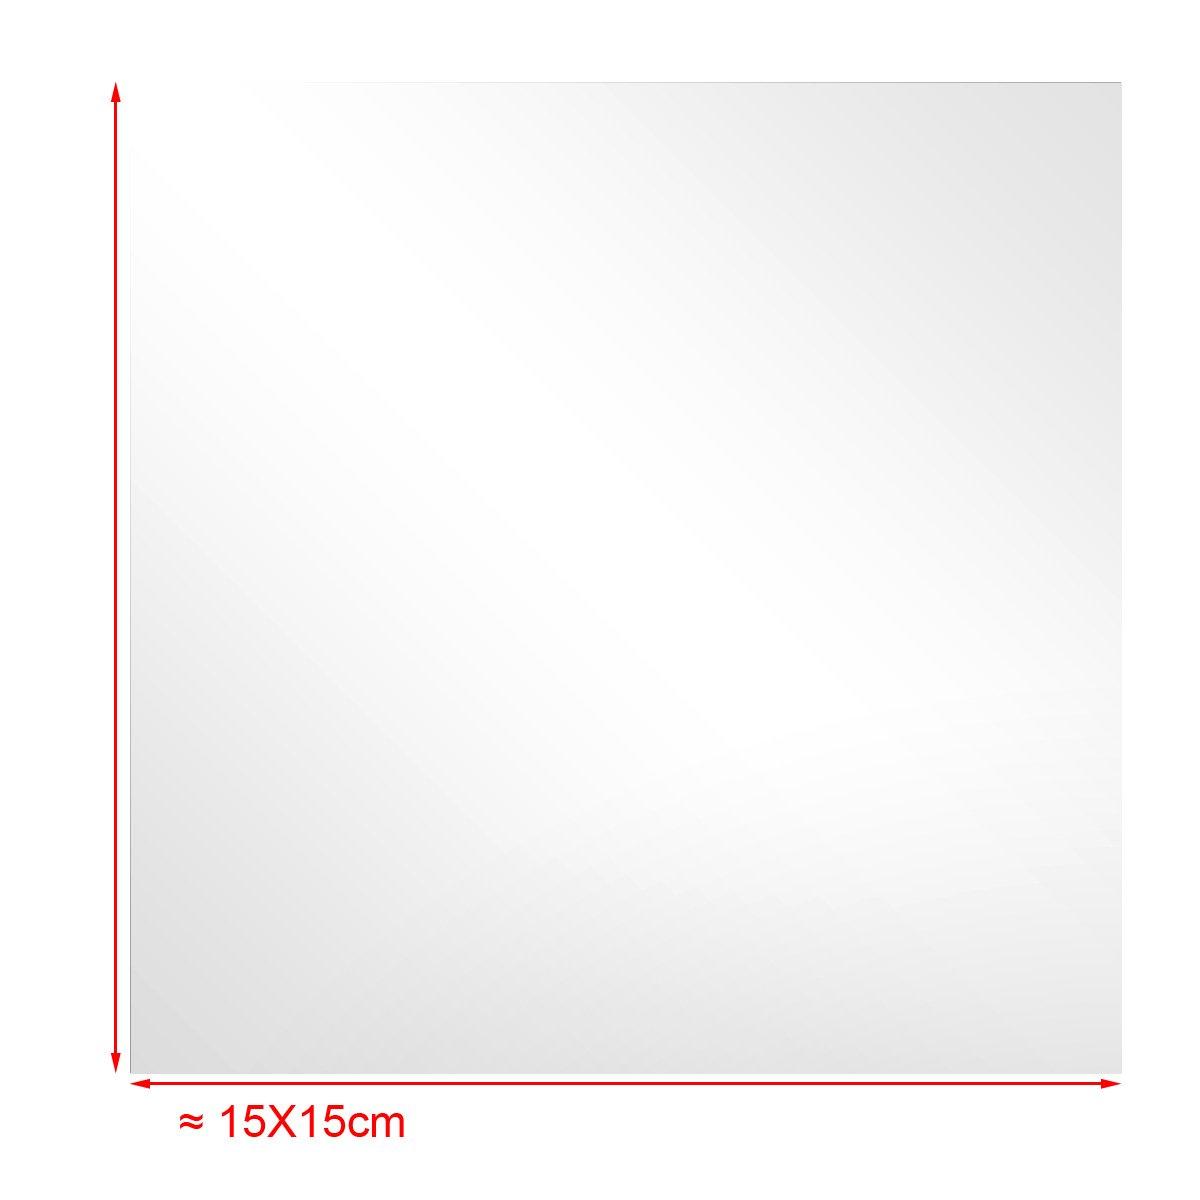 SurePromise Specchio MTB Adesivo da Parete,32 Pezzi Adesivi Murali Specchio Quadrato,Quadrato Decorazione per Parete Muro Casa Armadio,Mosaico di piastrelle,15cm x 15cm